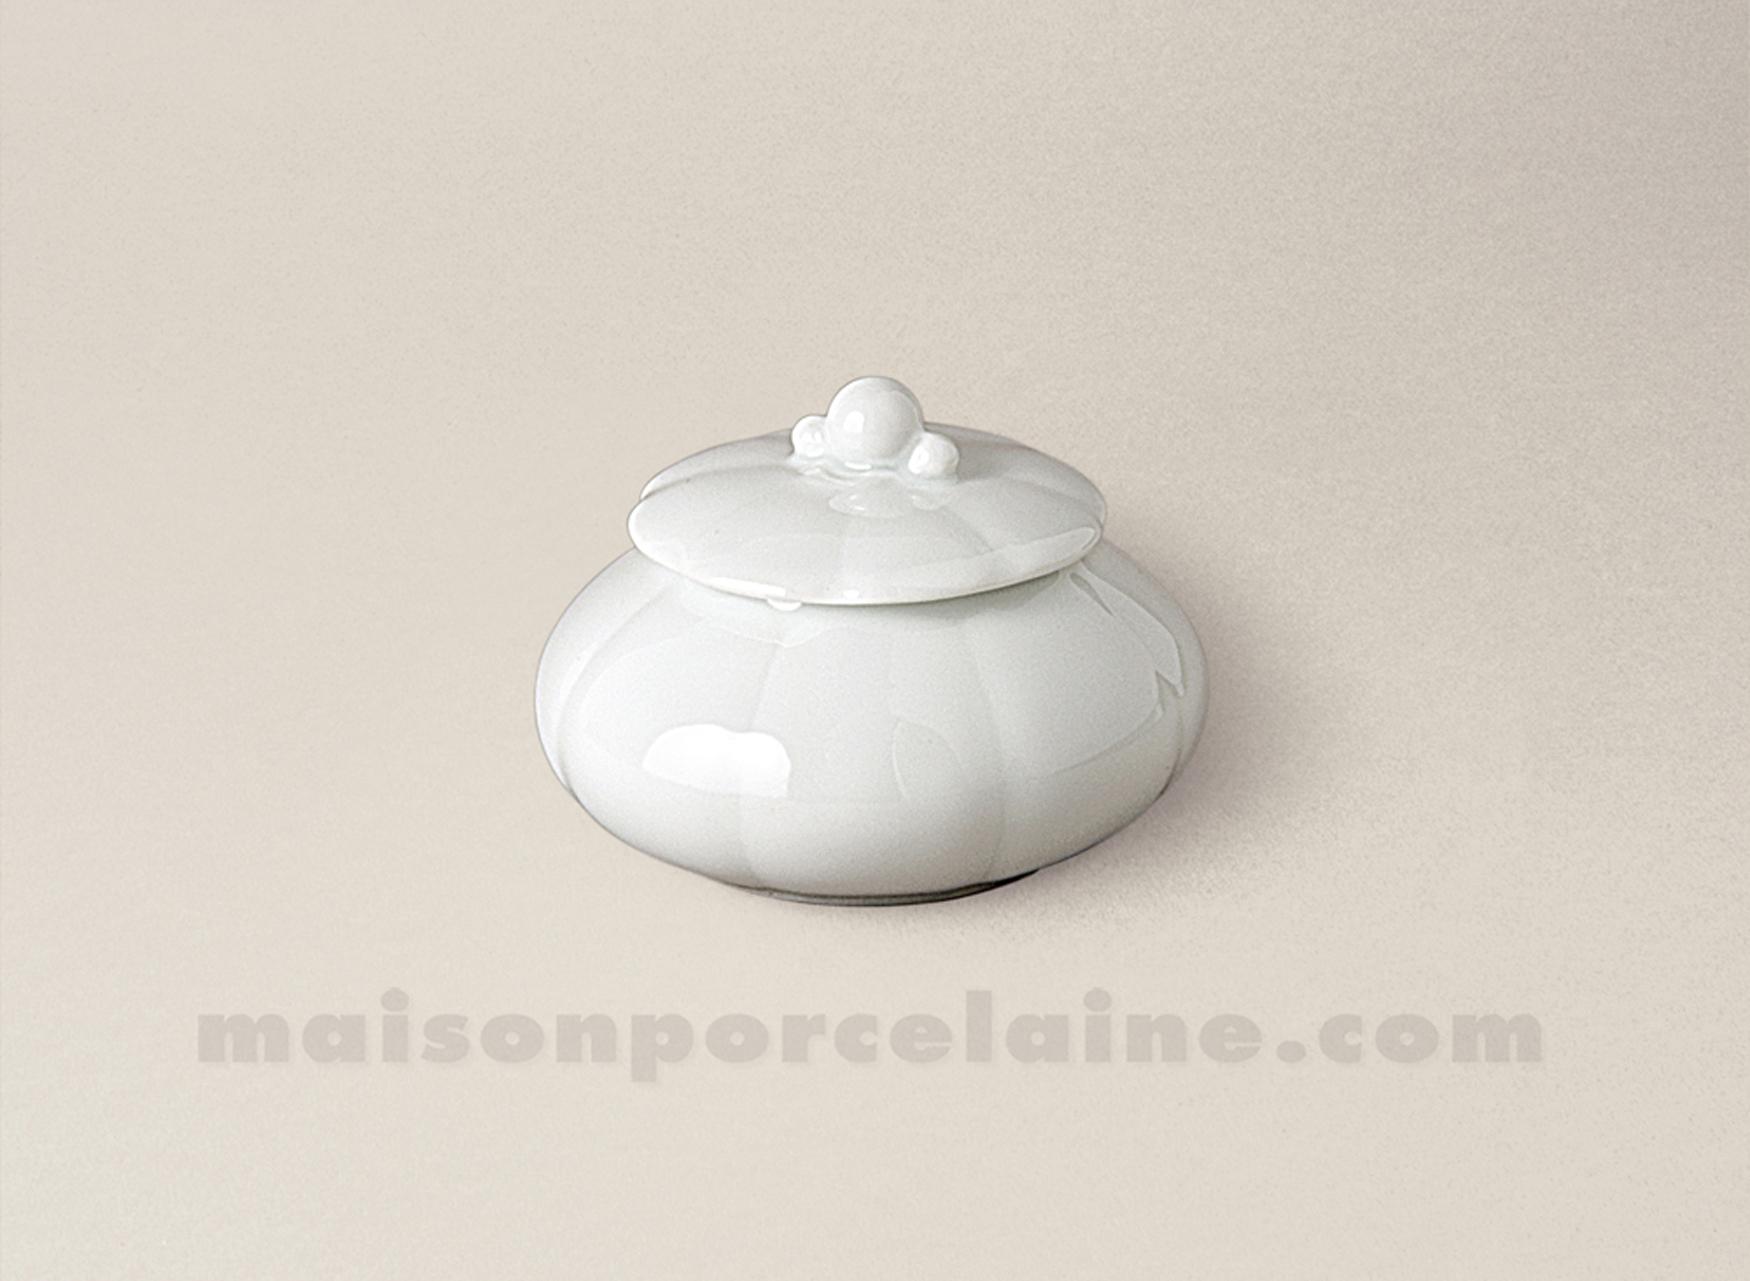 Sucrier limoges porcelaine blanche nymphea 2 tasses 5x7 - La maison de porcelaine ...